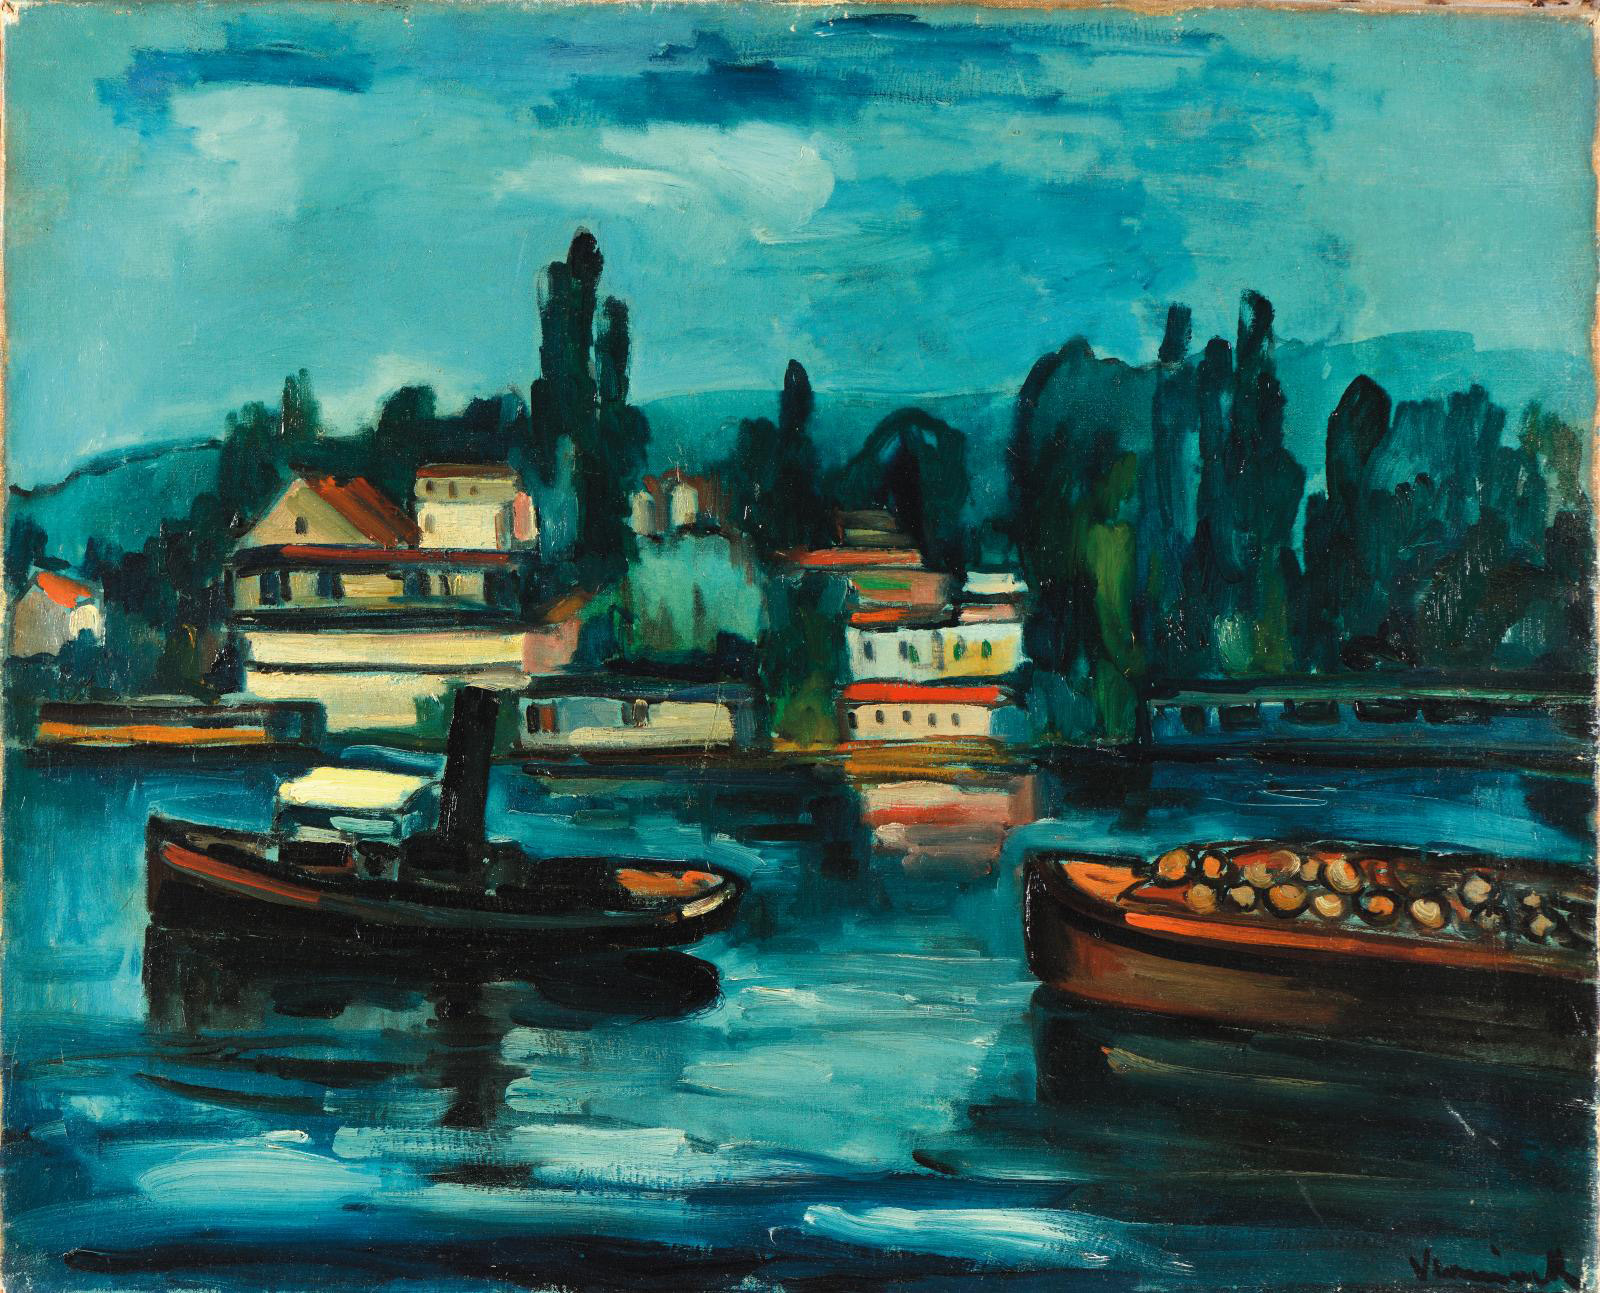 Maurice de Vlaminck (1876-1958), Péniches sur la Seine (Barges on the Seine), 1908, oil on canvas, signed, 60 x 73 cm/ 23.6 x 28.7 in.Esti